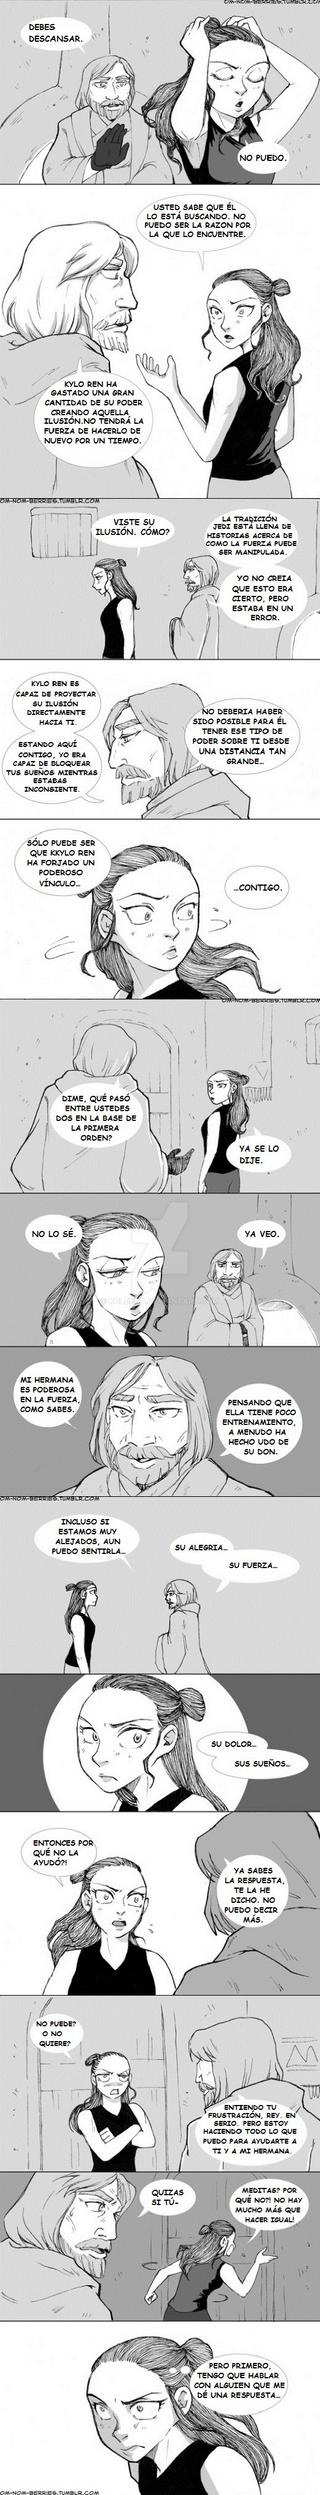 REYLO comic 14 by Koldeka